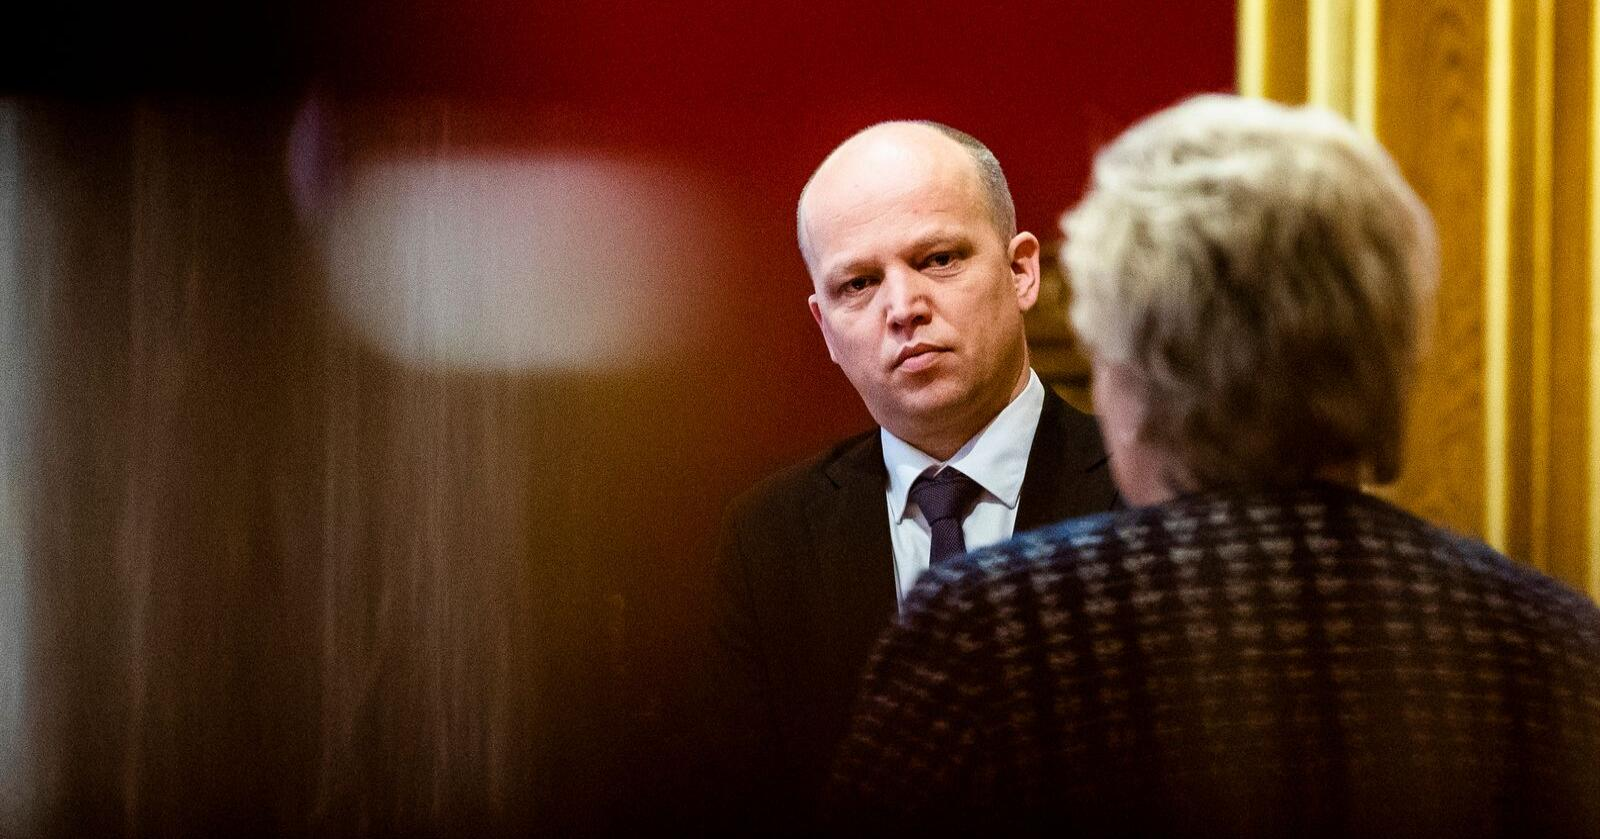 Senterpartiets leder Trygve Slagsvold Vedum vil vite hvilke grep statsminister Erna Solberg (H) har tenkt å ta for å snu befolkningsnedgangen i Nord-Norge. Foto: Berit Roald / NTB scanpix